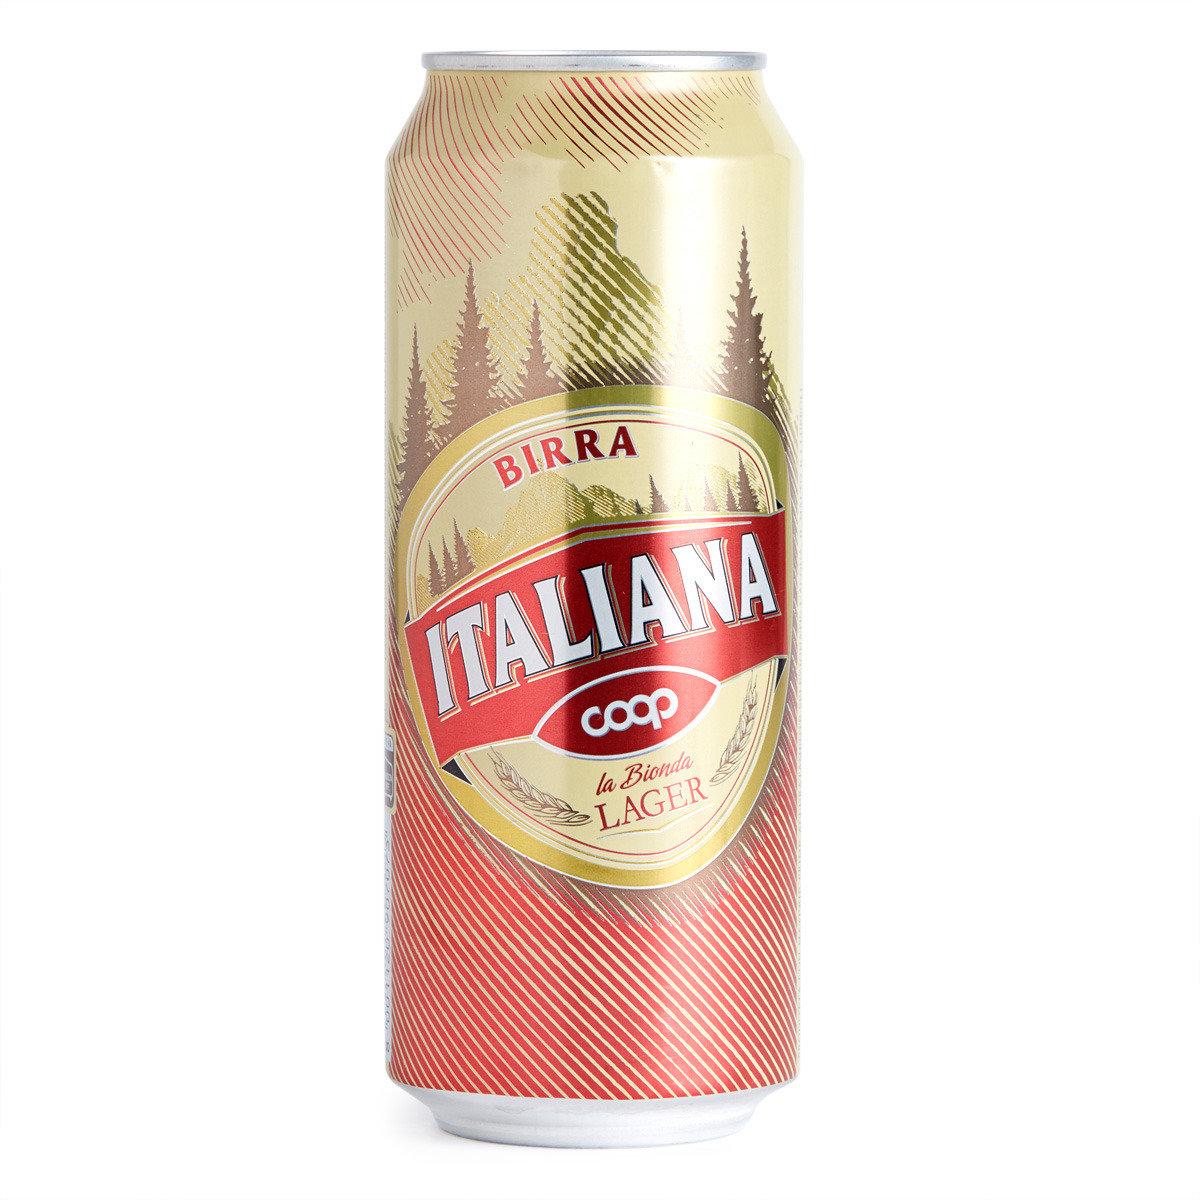 意大利罐裝啤酒